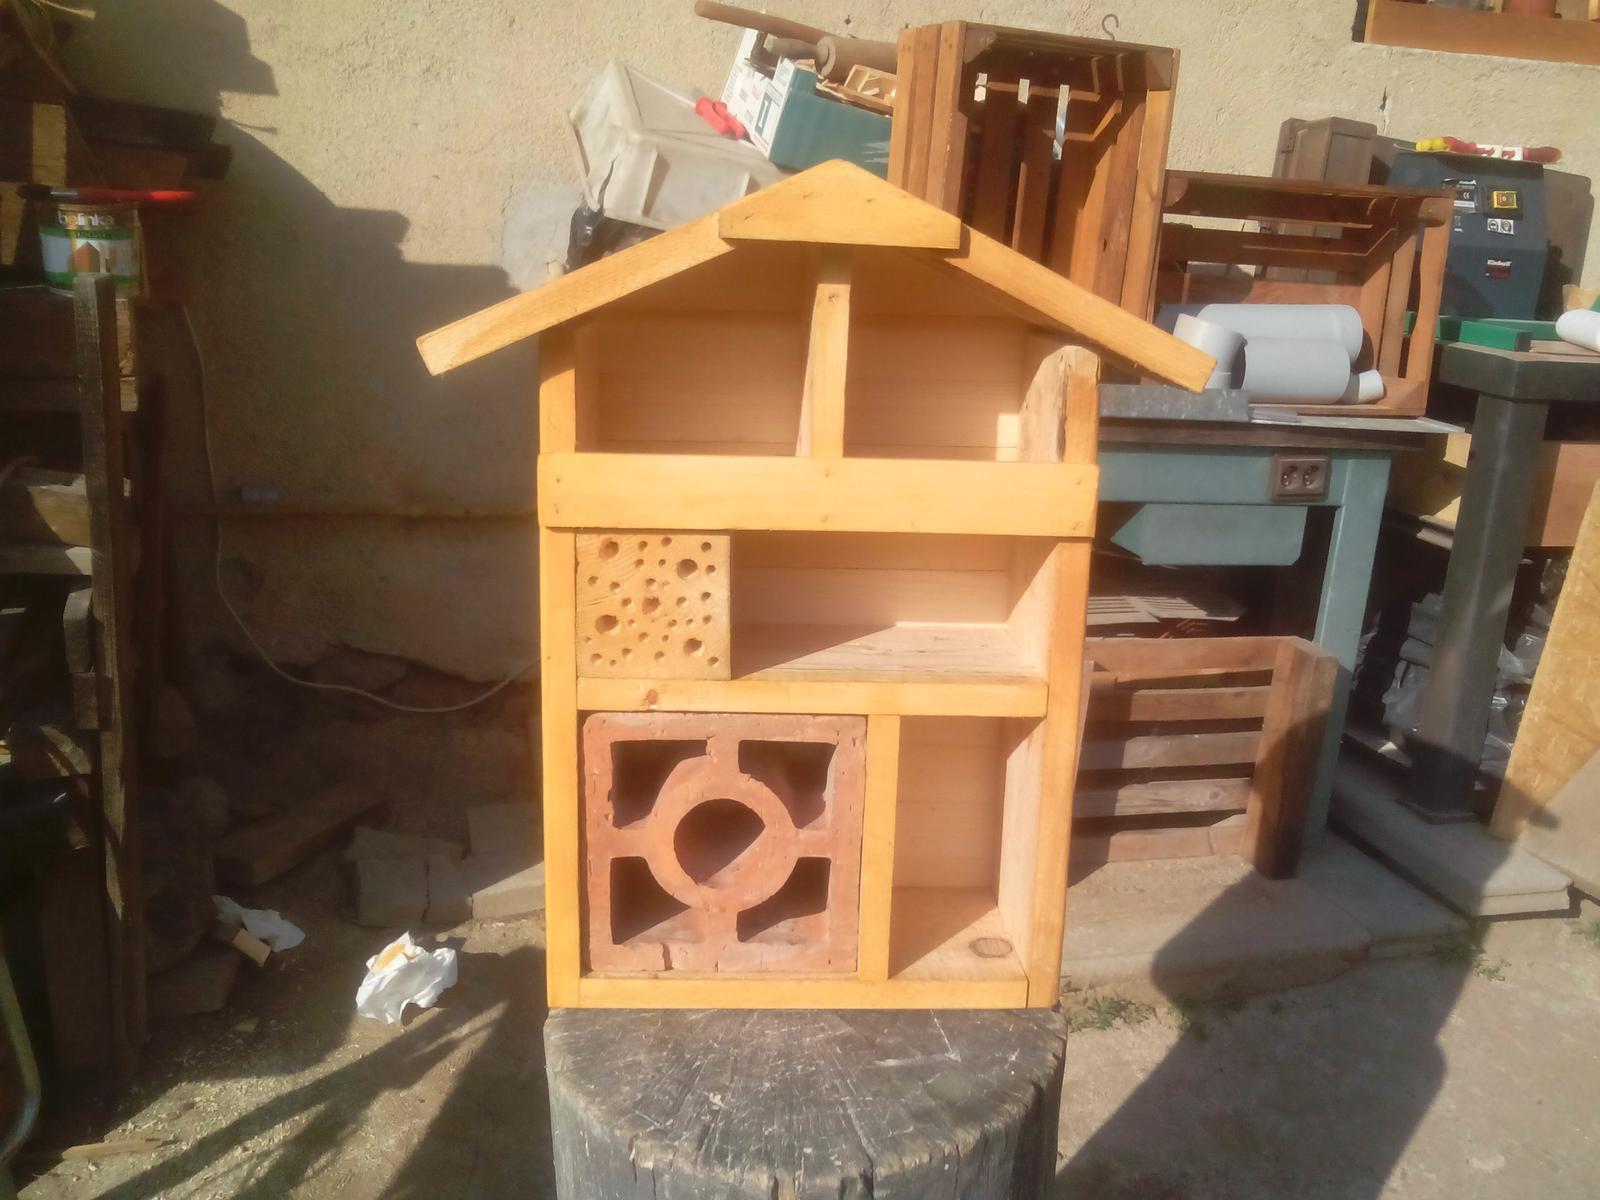 """Ešte raz niečo zo zbytkov dreva - Už s to začína podobať na to, čo som chcel vytvoriť. Áno... """"hotel"""" pre hmyz. :o) Zajtra tomu dám už definitívnu podobu. :o)"""